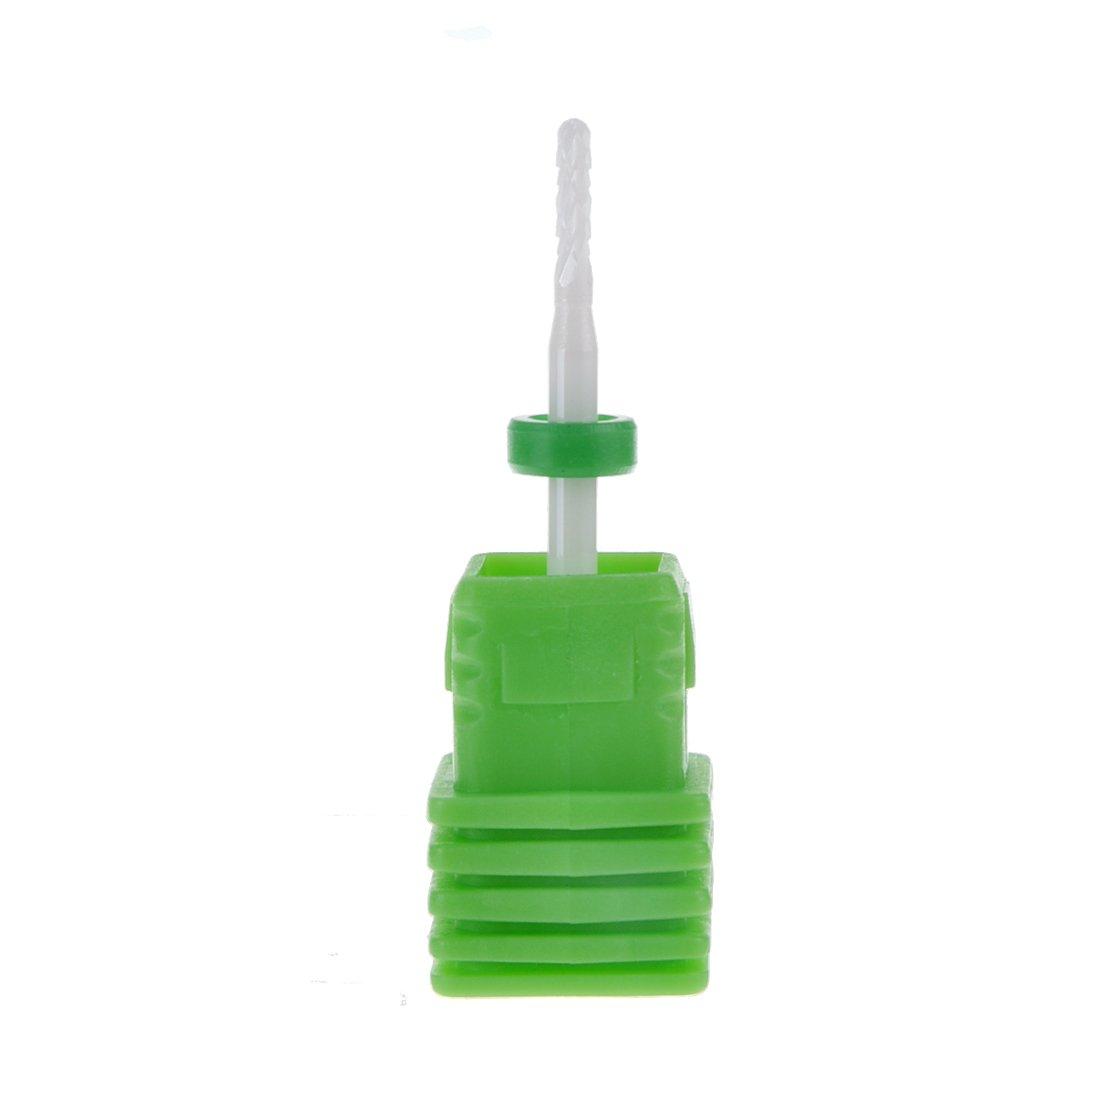 Biutee Ceramic Nail File Drill Bit Tools Cuticle Clean Gel Remove Nail Salon Use Medium Grit Nail drillNail file nail tool grinder head nail pottery 1.6mm*7mm (F)